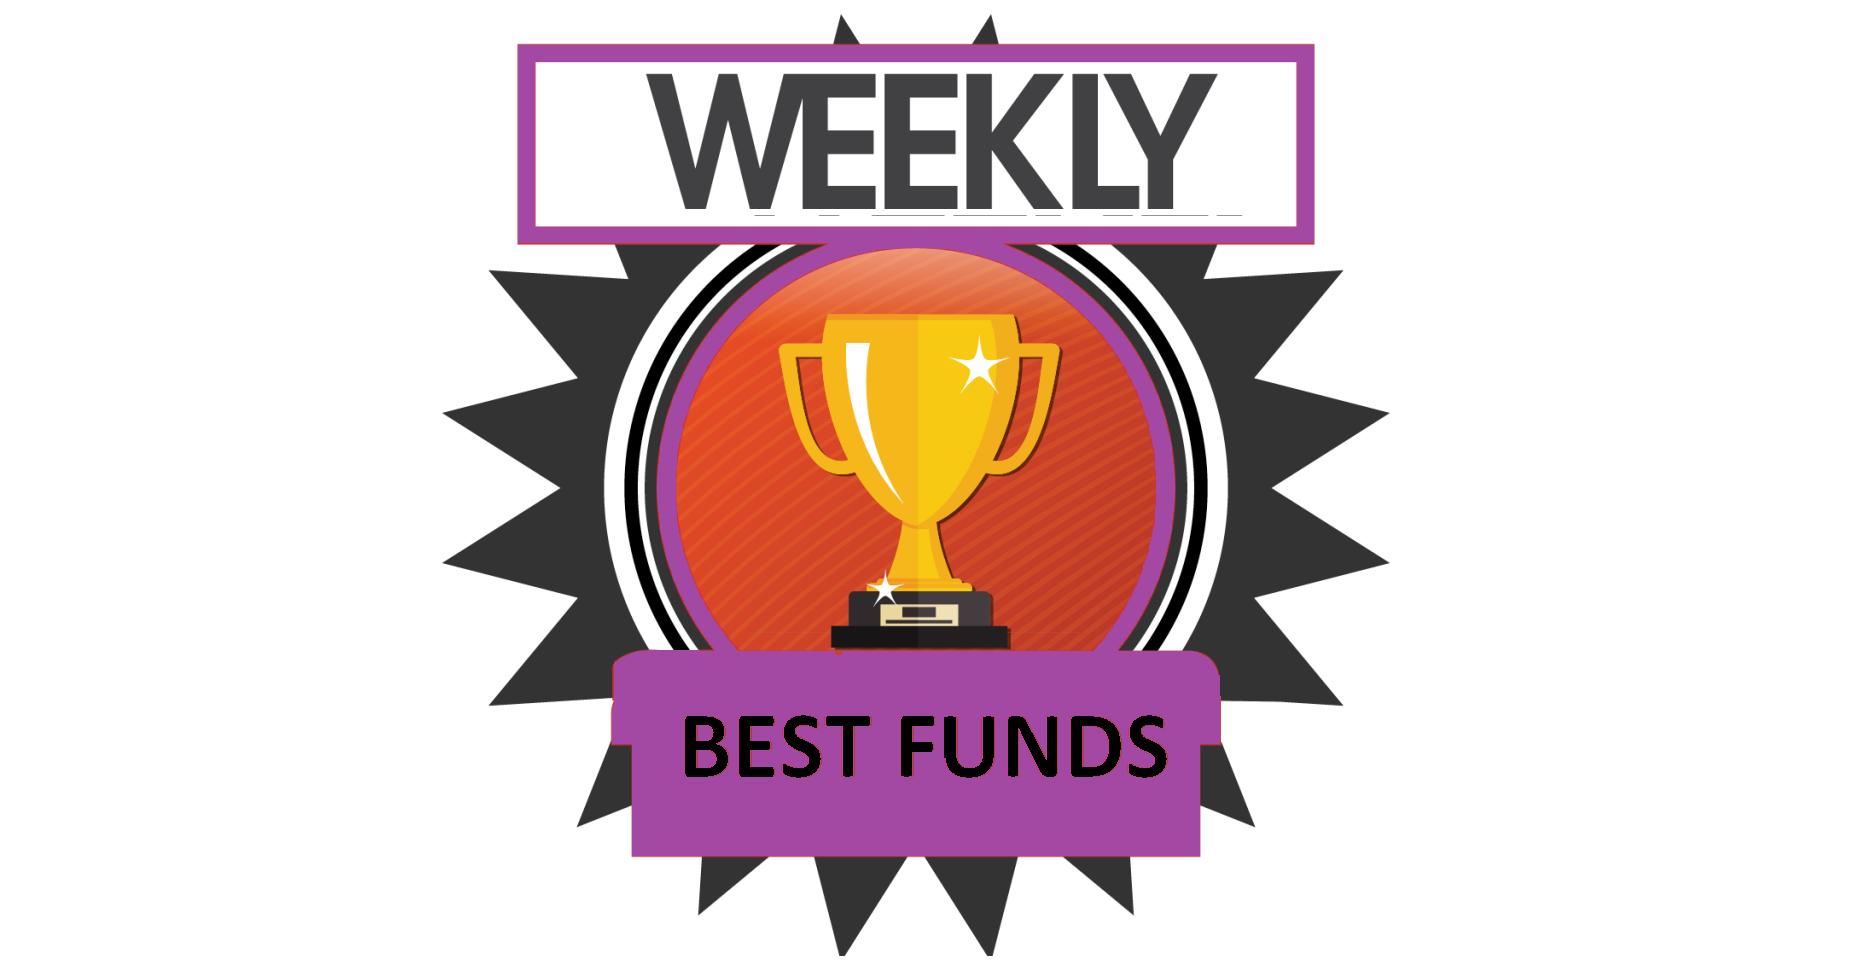 پربازدهترین صندوقهای سرمایهگذاری در هفته منتهی به بیستم اردیبهشتماه 1398